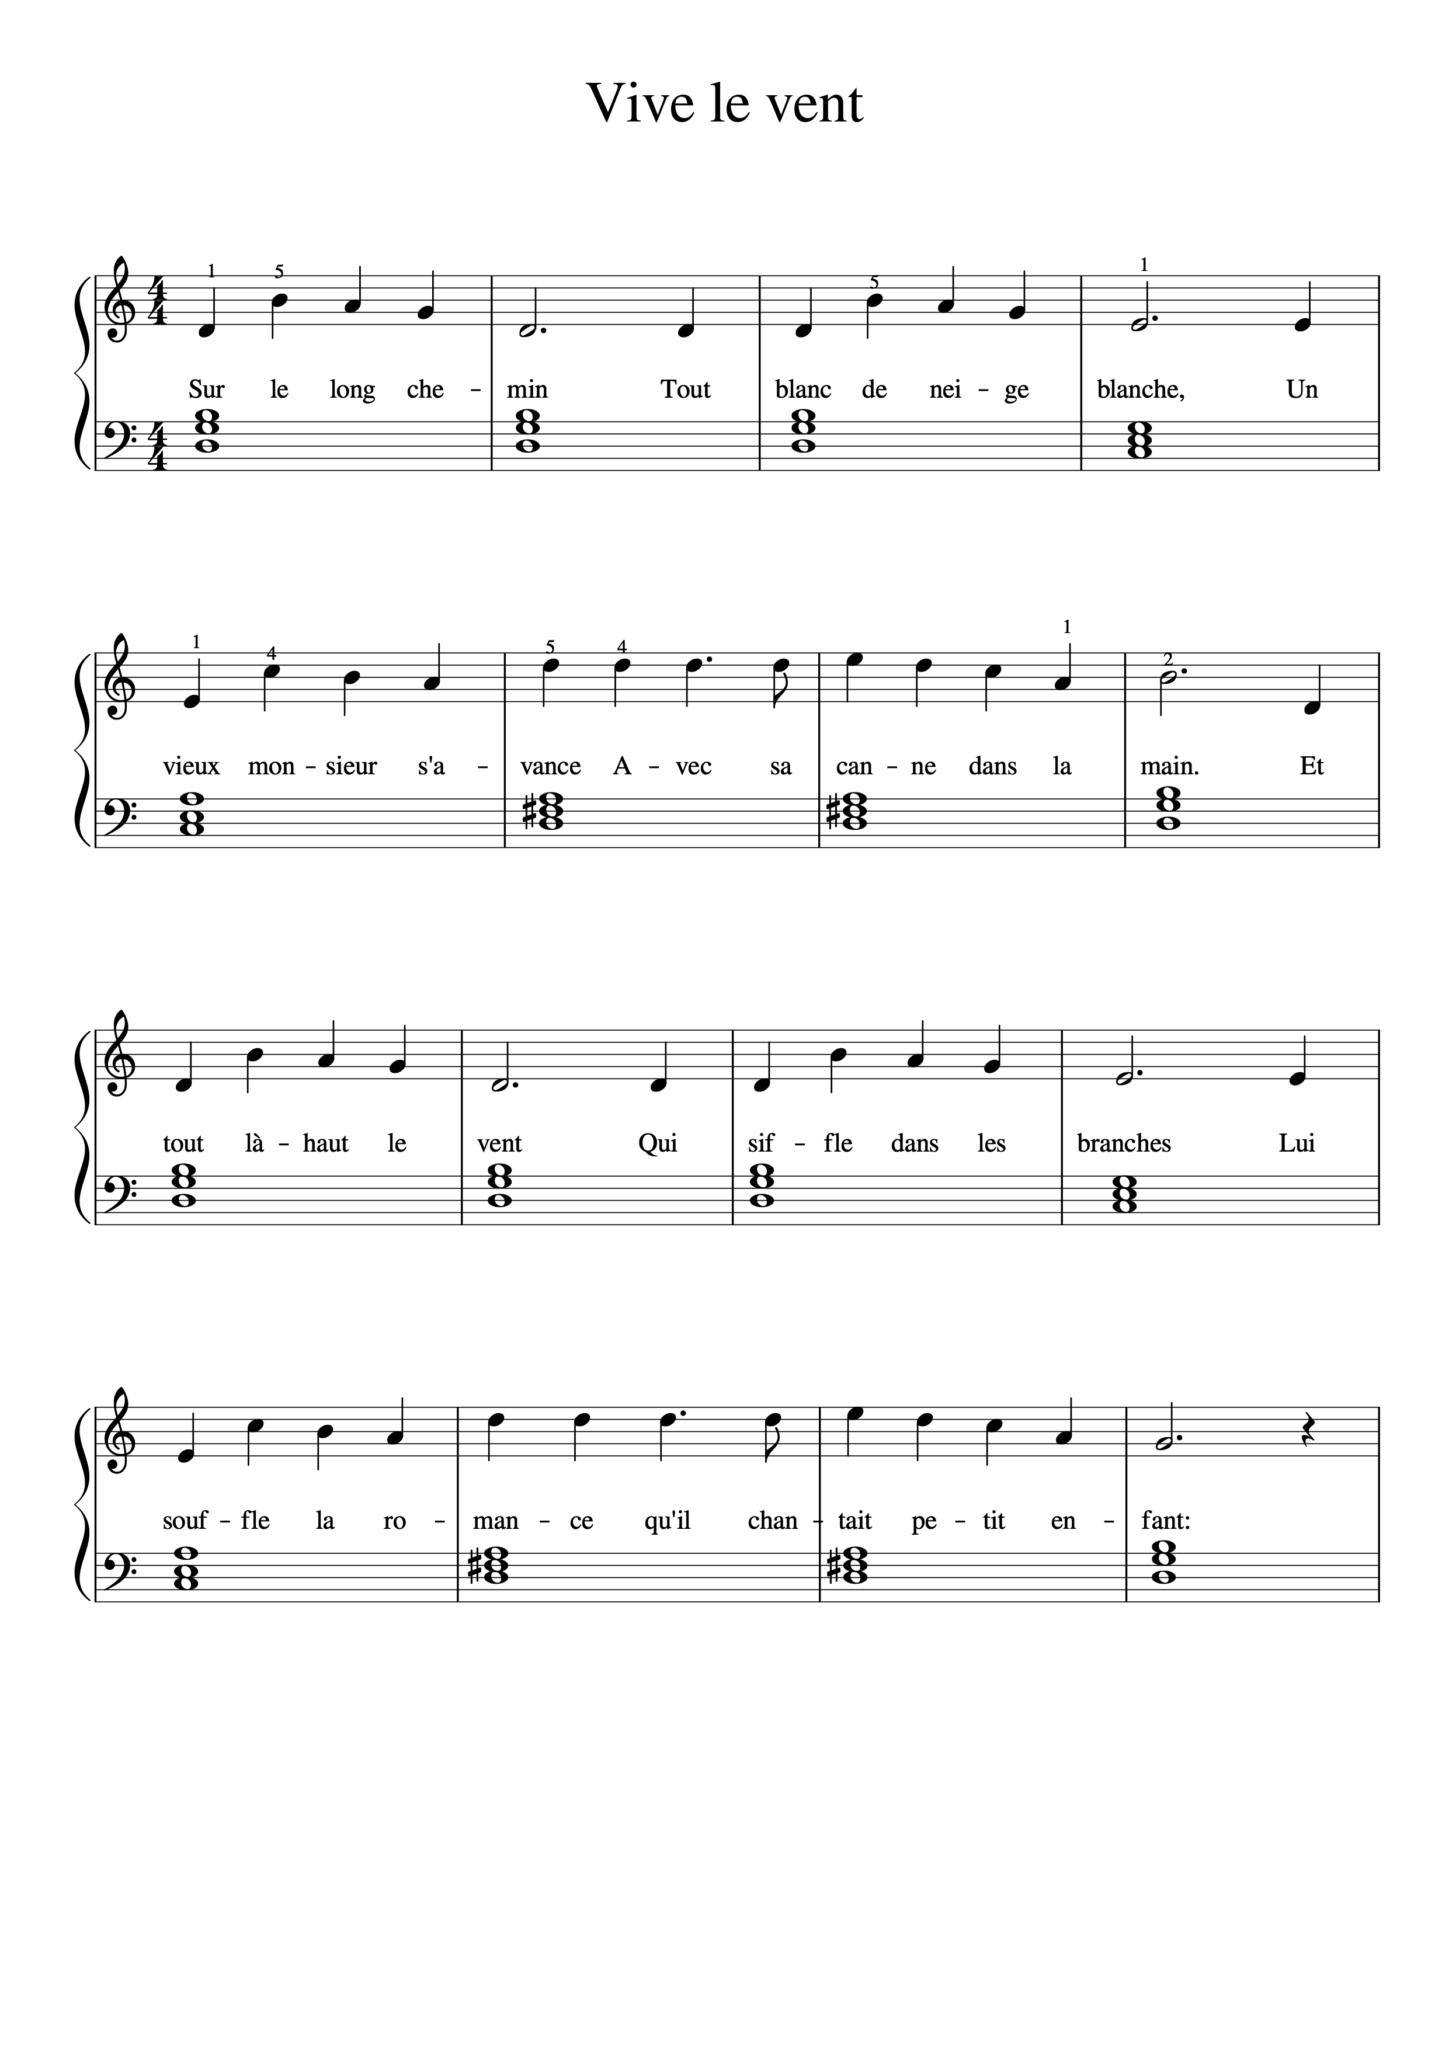 partition musique classique gratuite imprimer